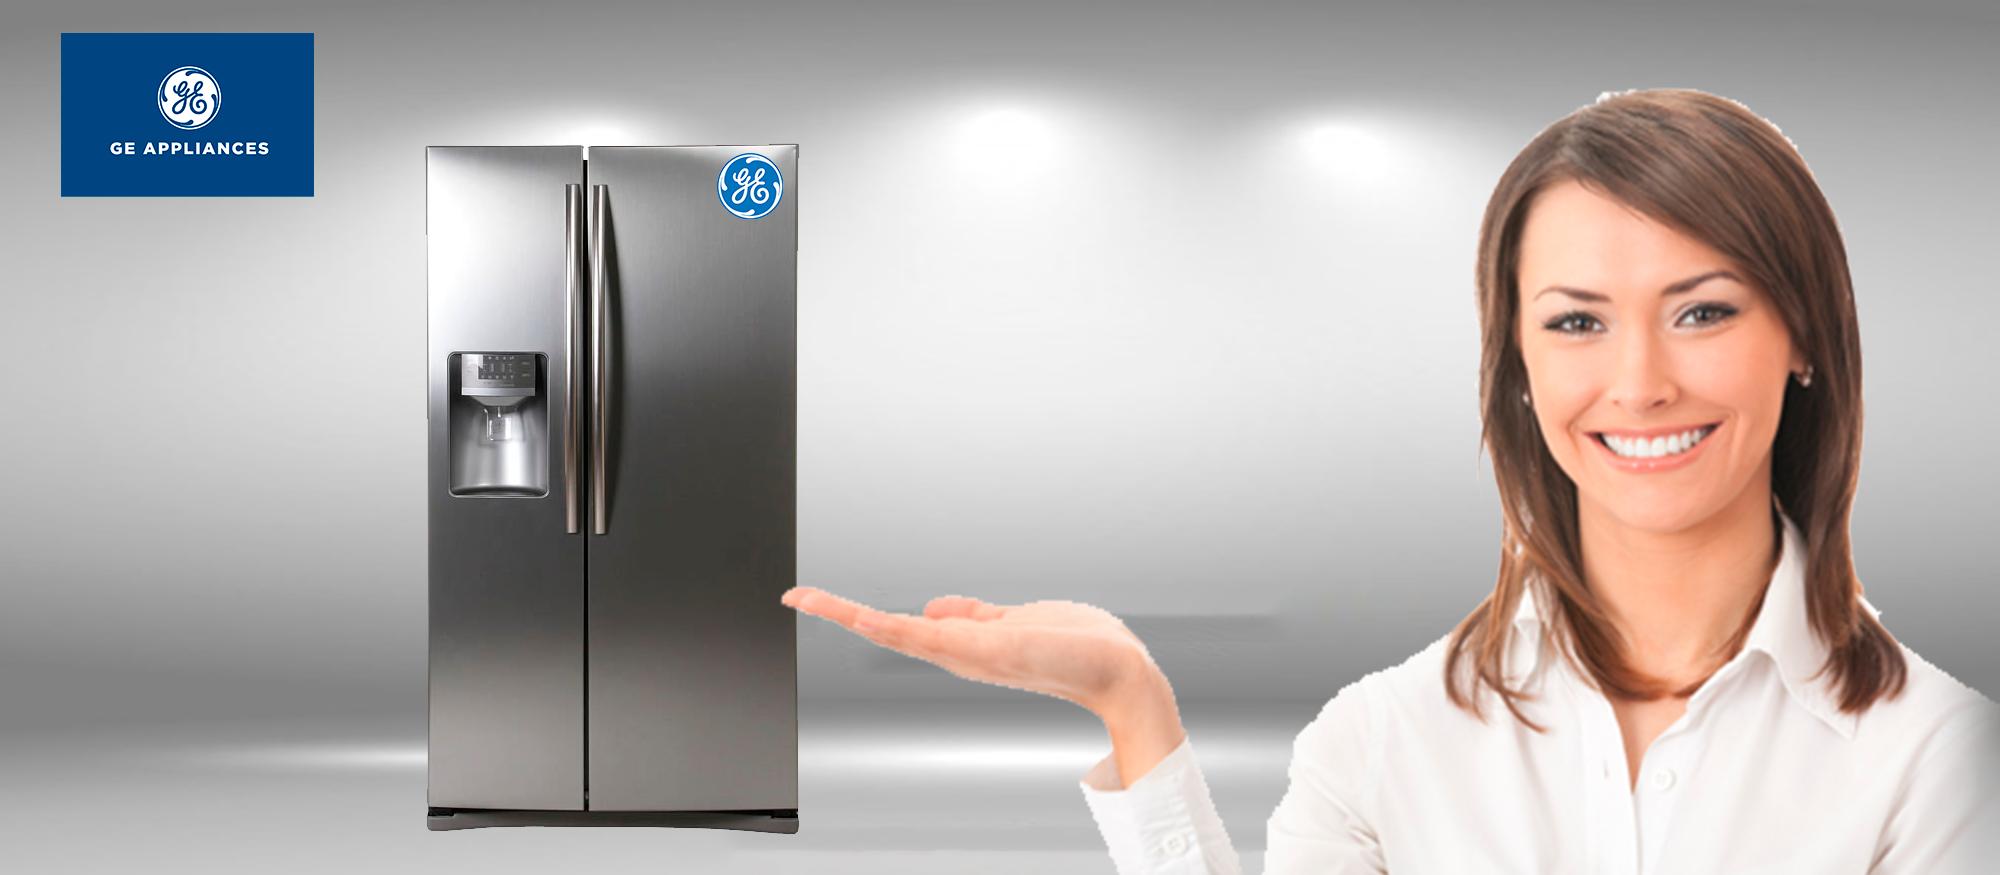 servicio tecnico de refrigeradora ge